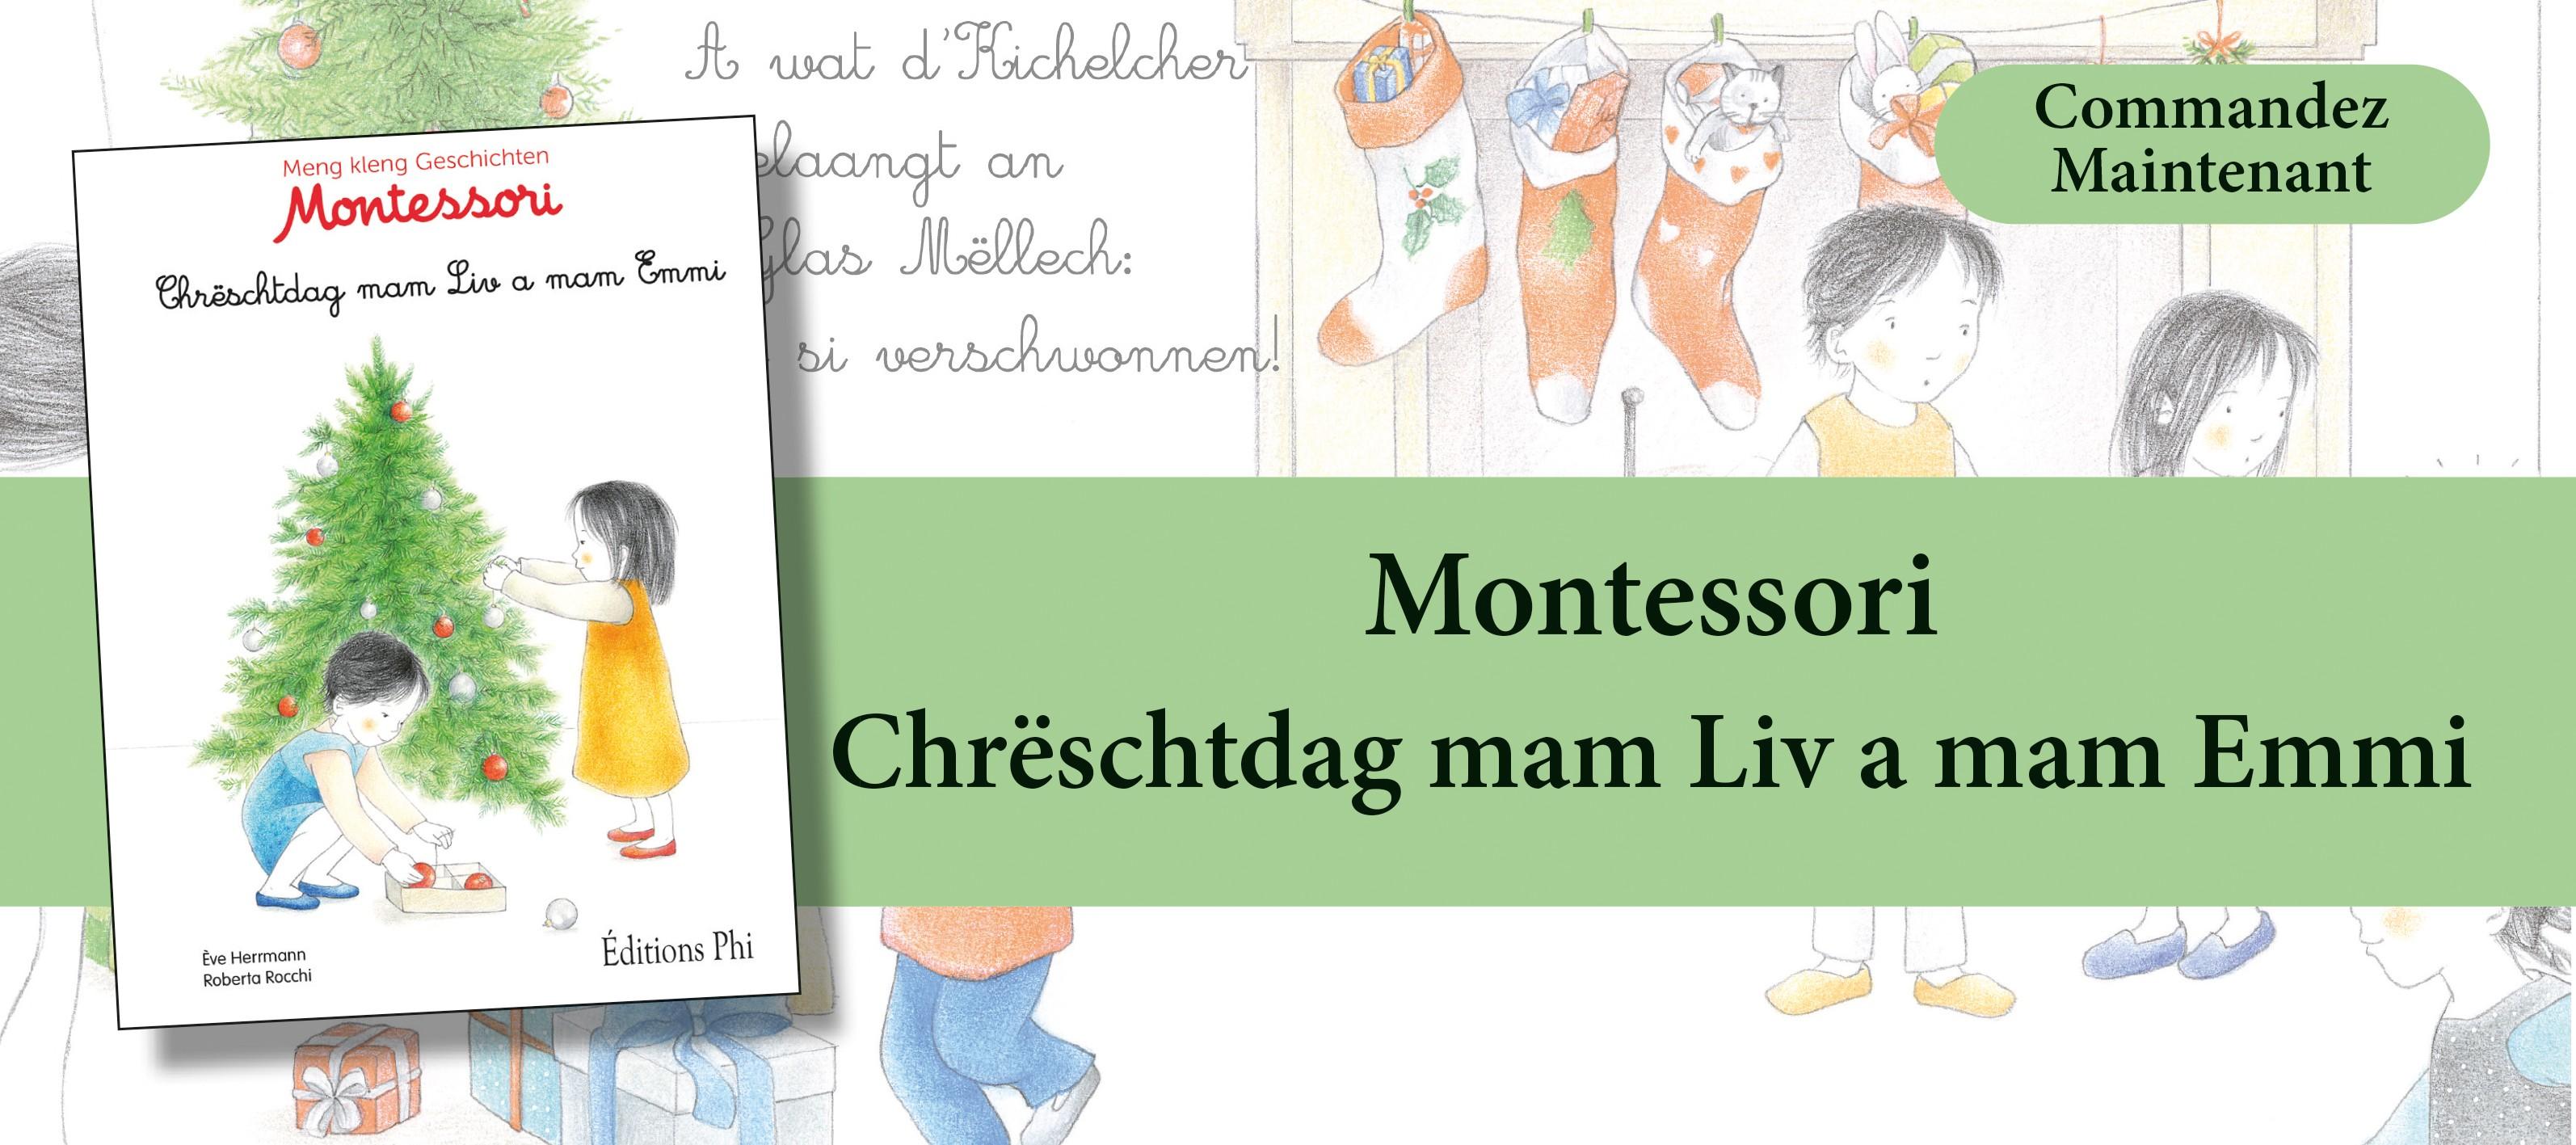 http://www.editionsphi.lu/fr/jeunesse/484-montessori-chreschtdag-mam-liv-a-mam-emmi.html